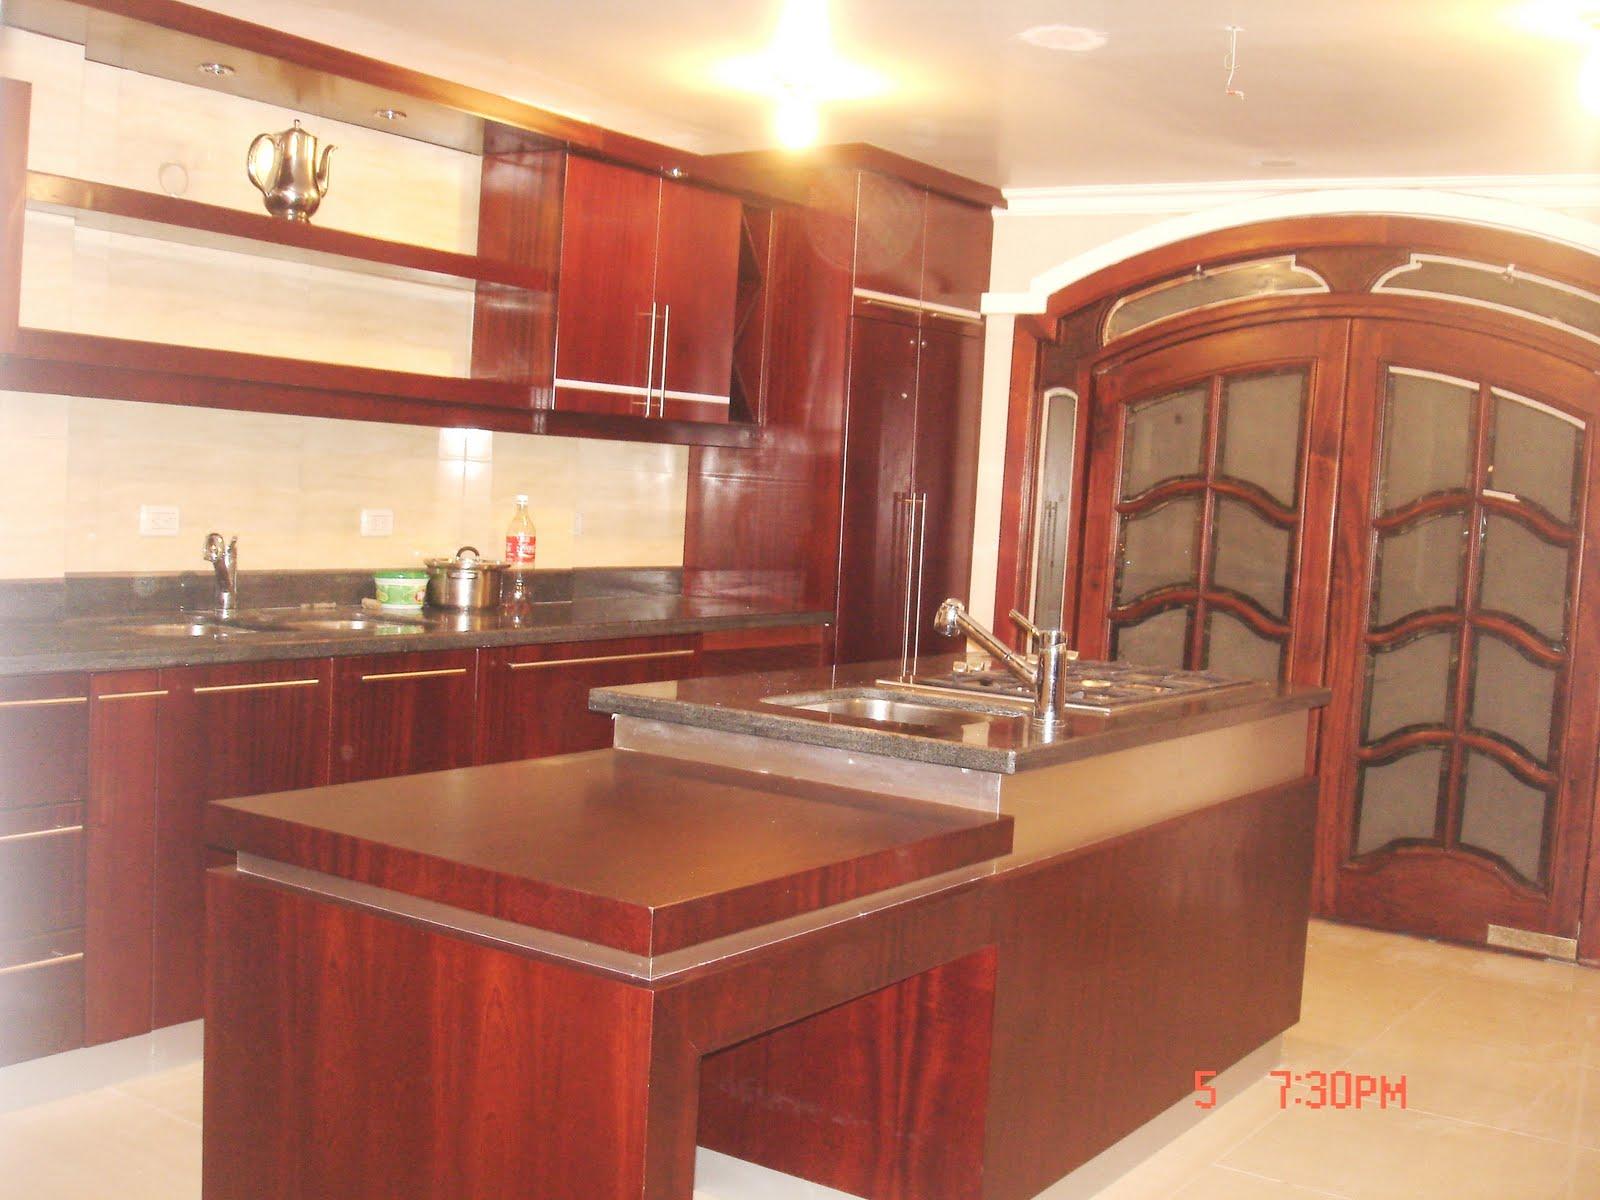 fotos de muebles de cocina de cedro - Muebles De Cocina En Madera Cedro pimp my space